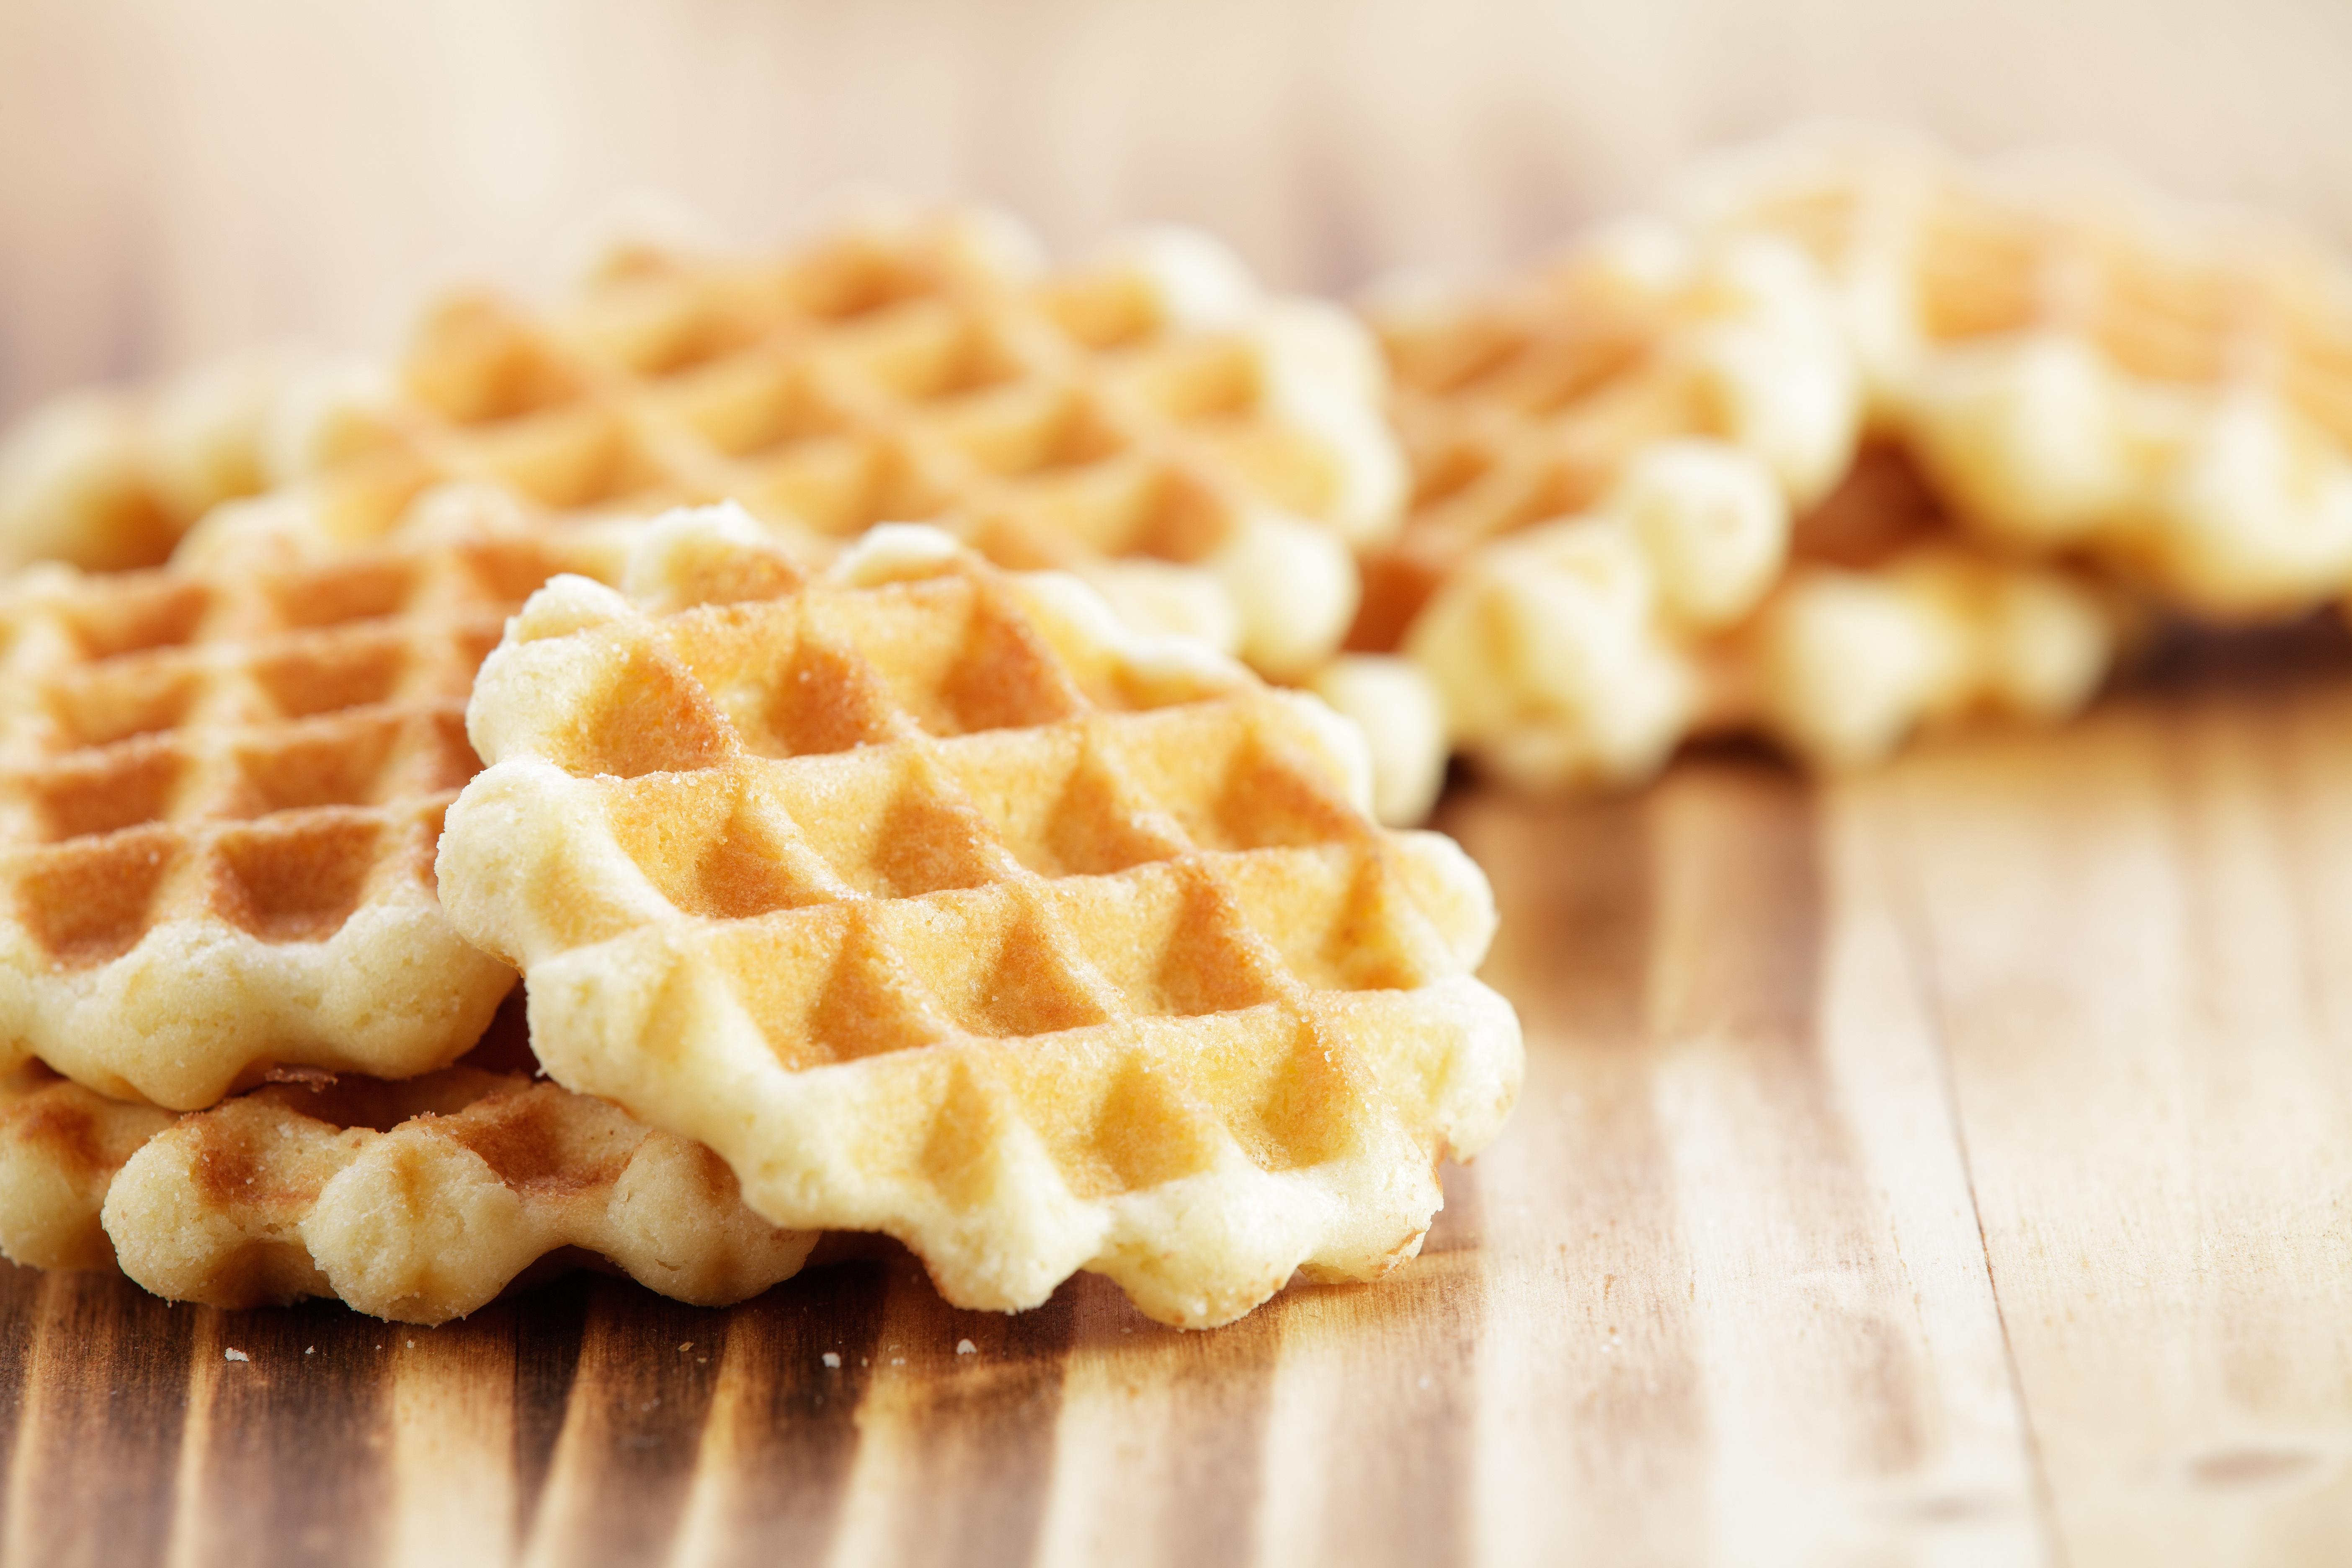 Waffle production